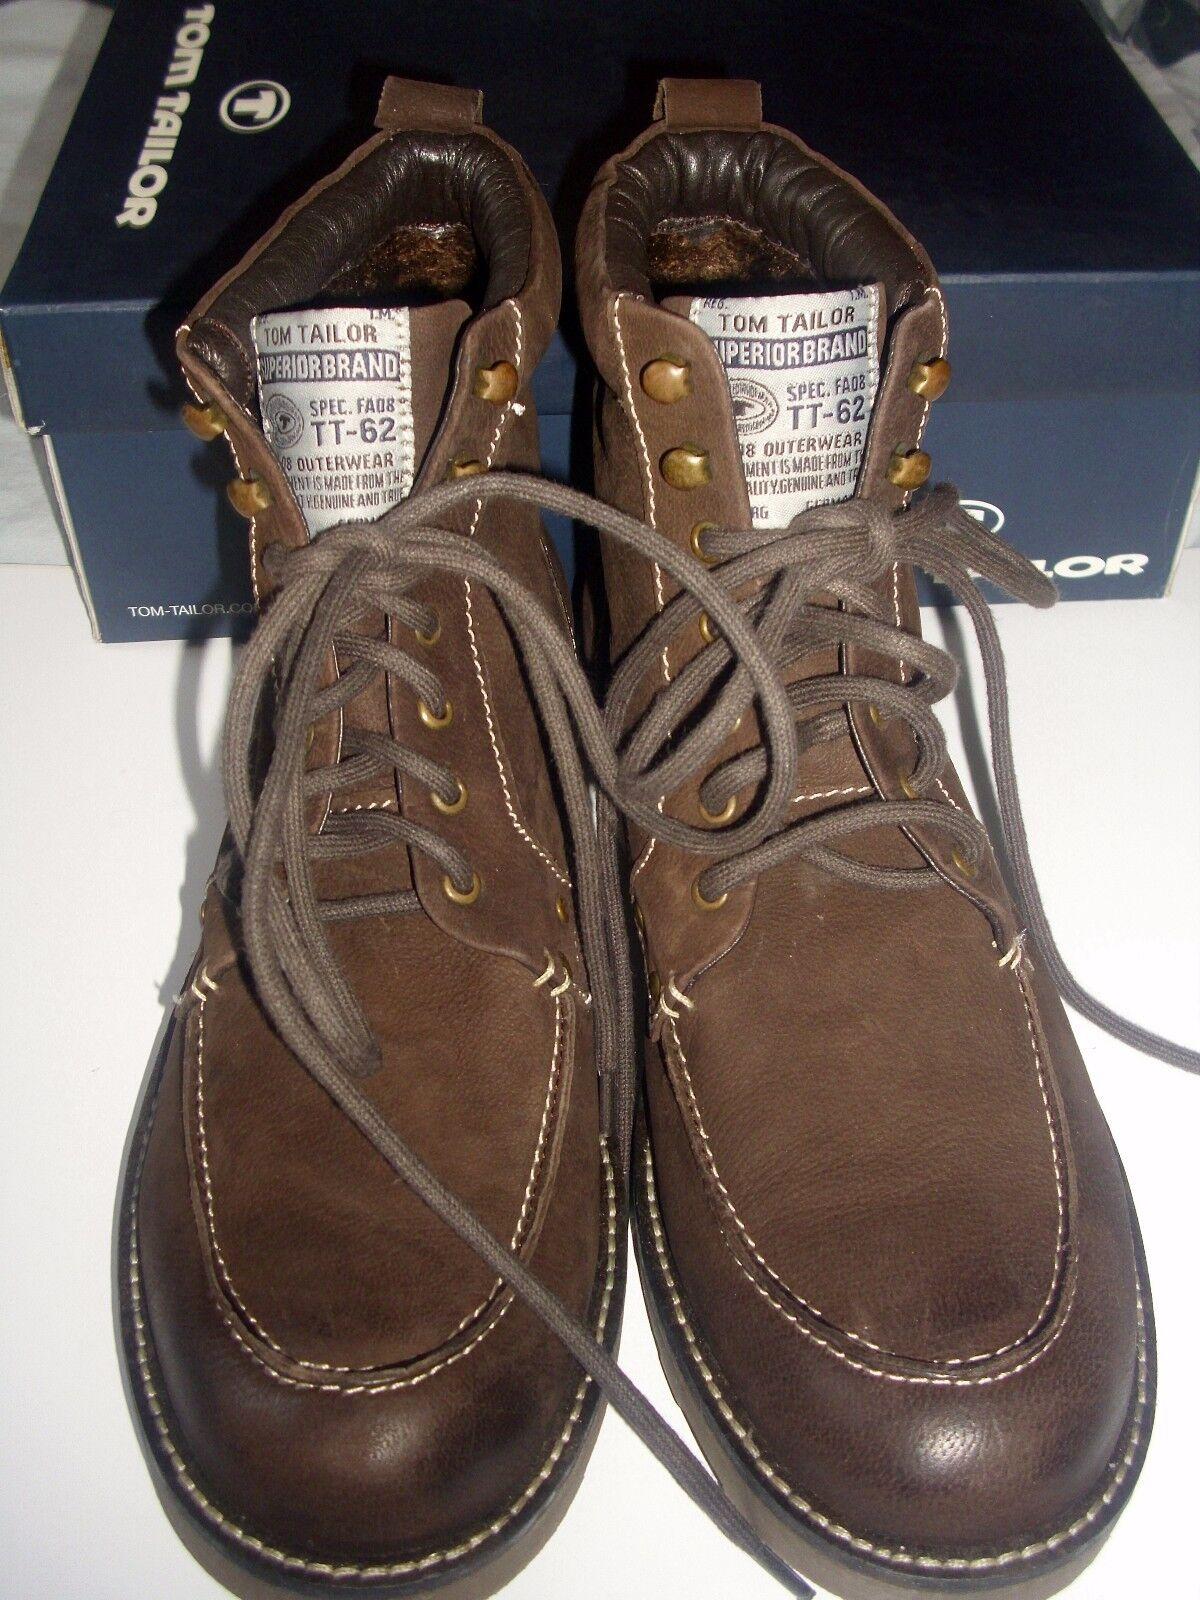 TOM TAILOR* Brass*Herren Schuhe*Boots *Stiefel*Winter *Fb.Braun*echt Leder *Neu*